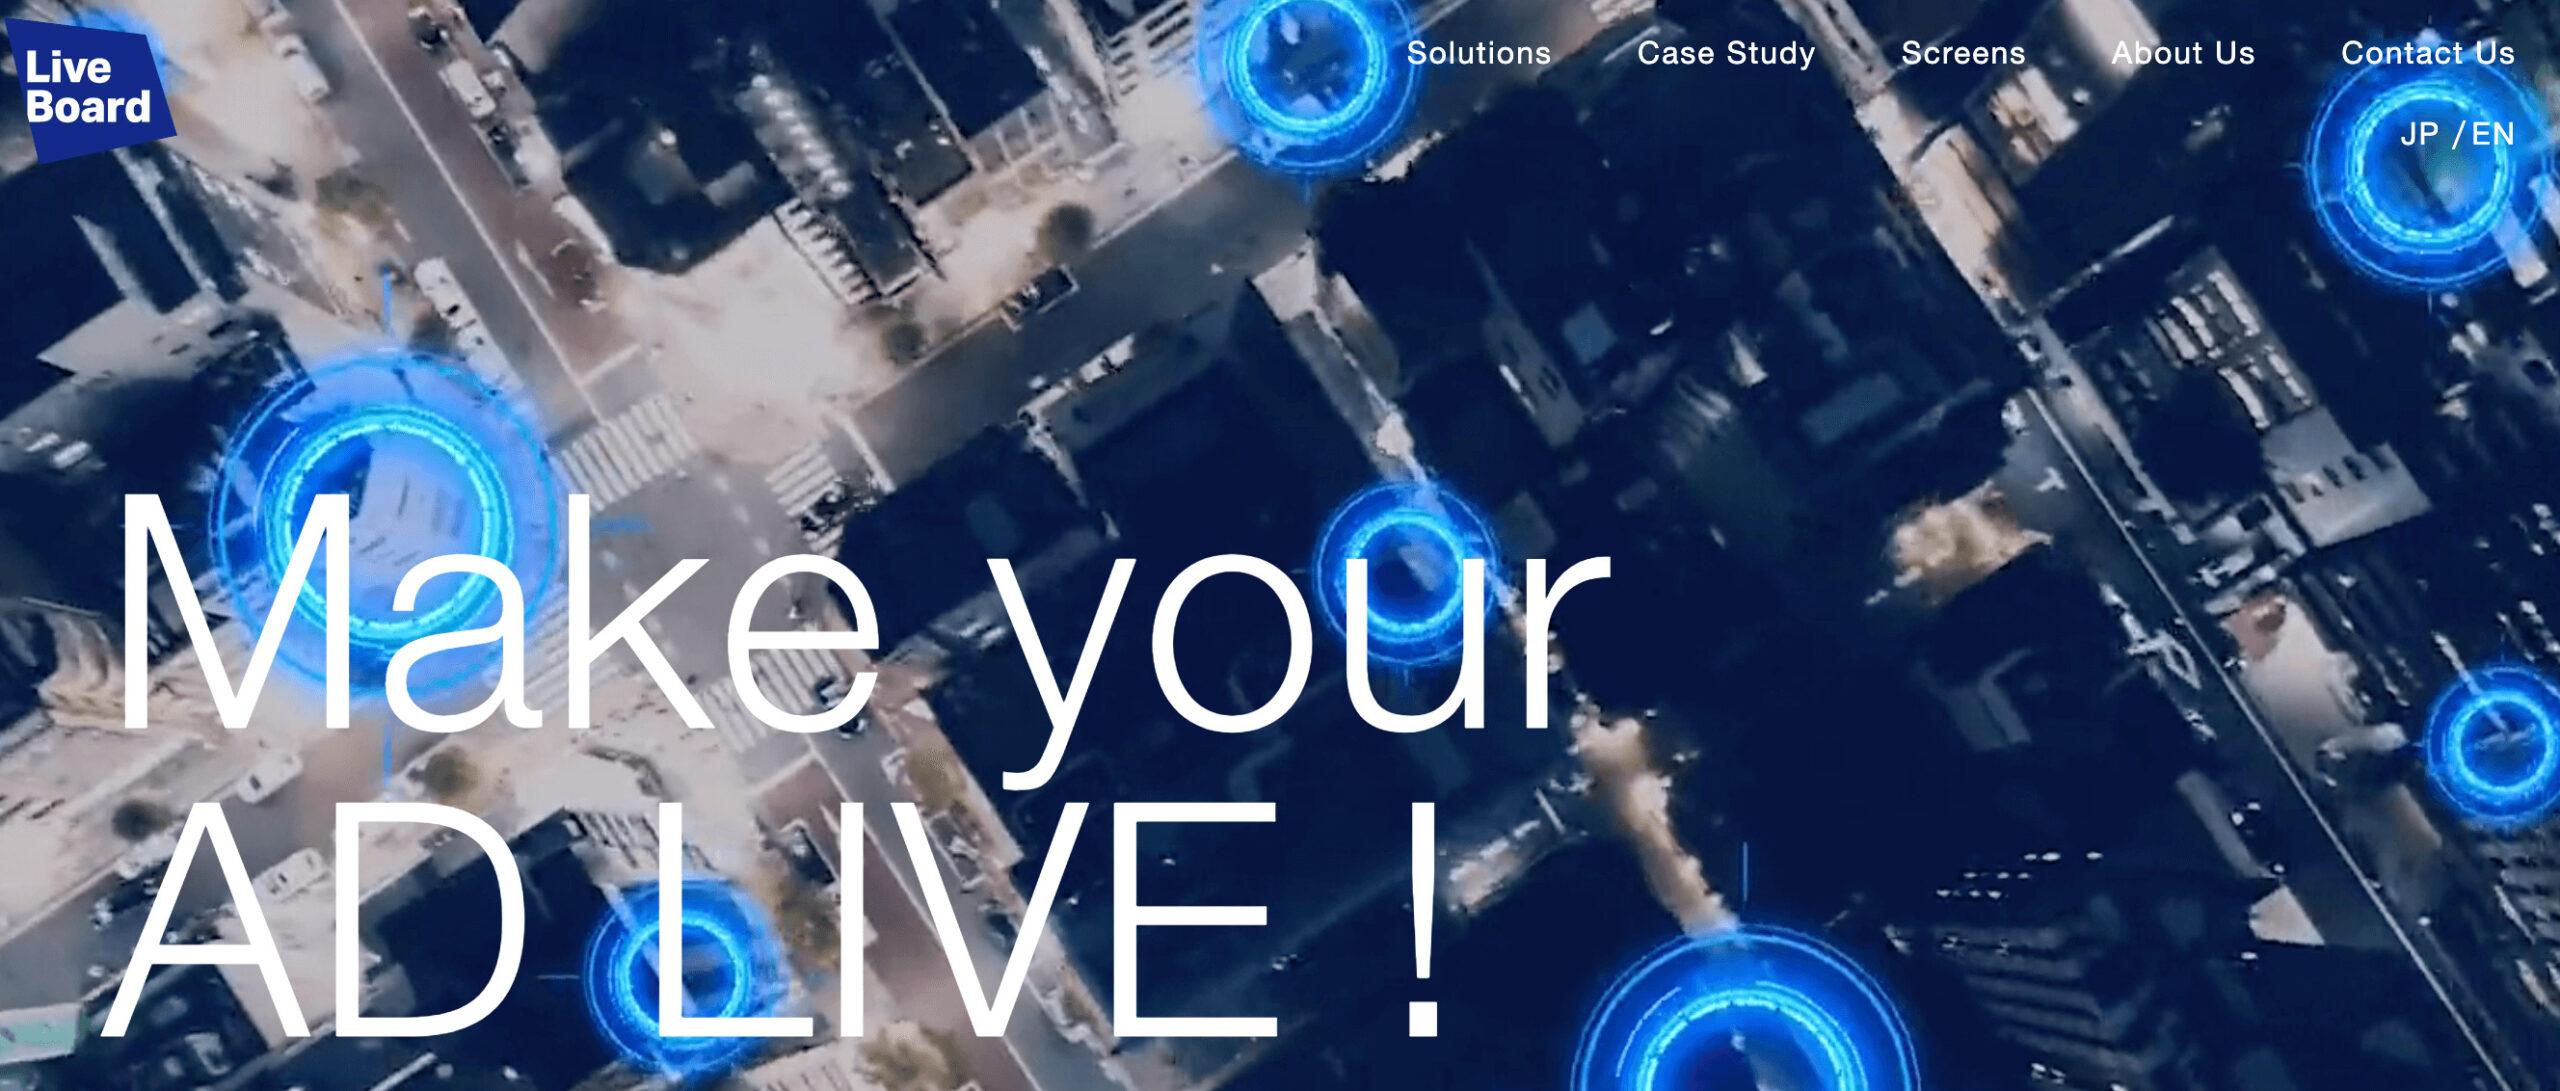 株式会社LIVE BOARD